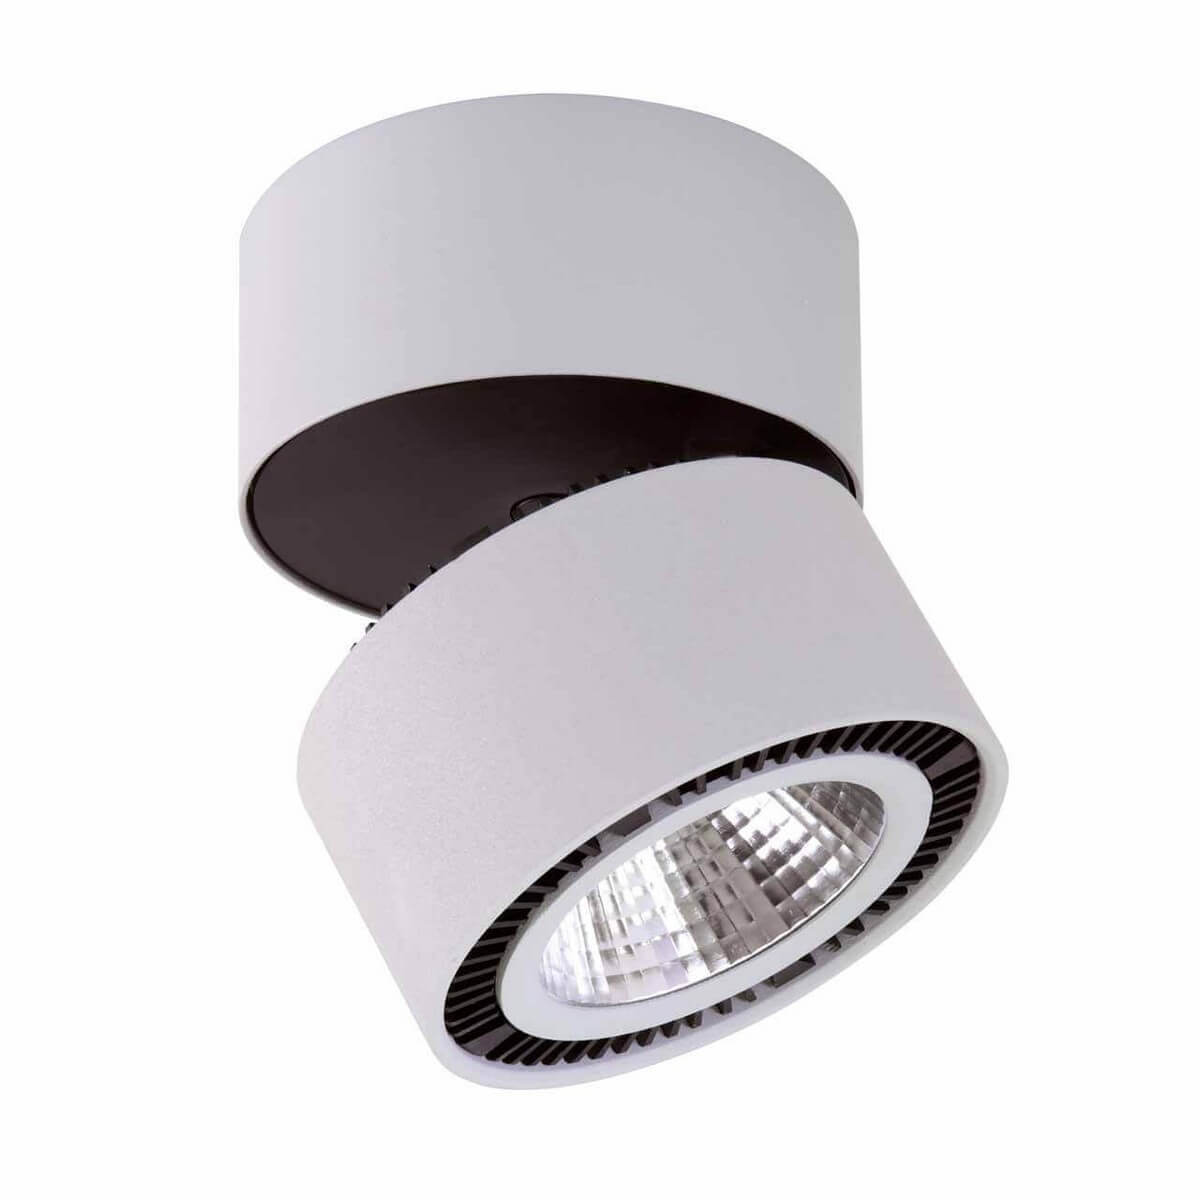 Светильник Lightstar 213859 Forte Muro потолочный светодиодный светильник lightstar forte muro 213839